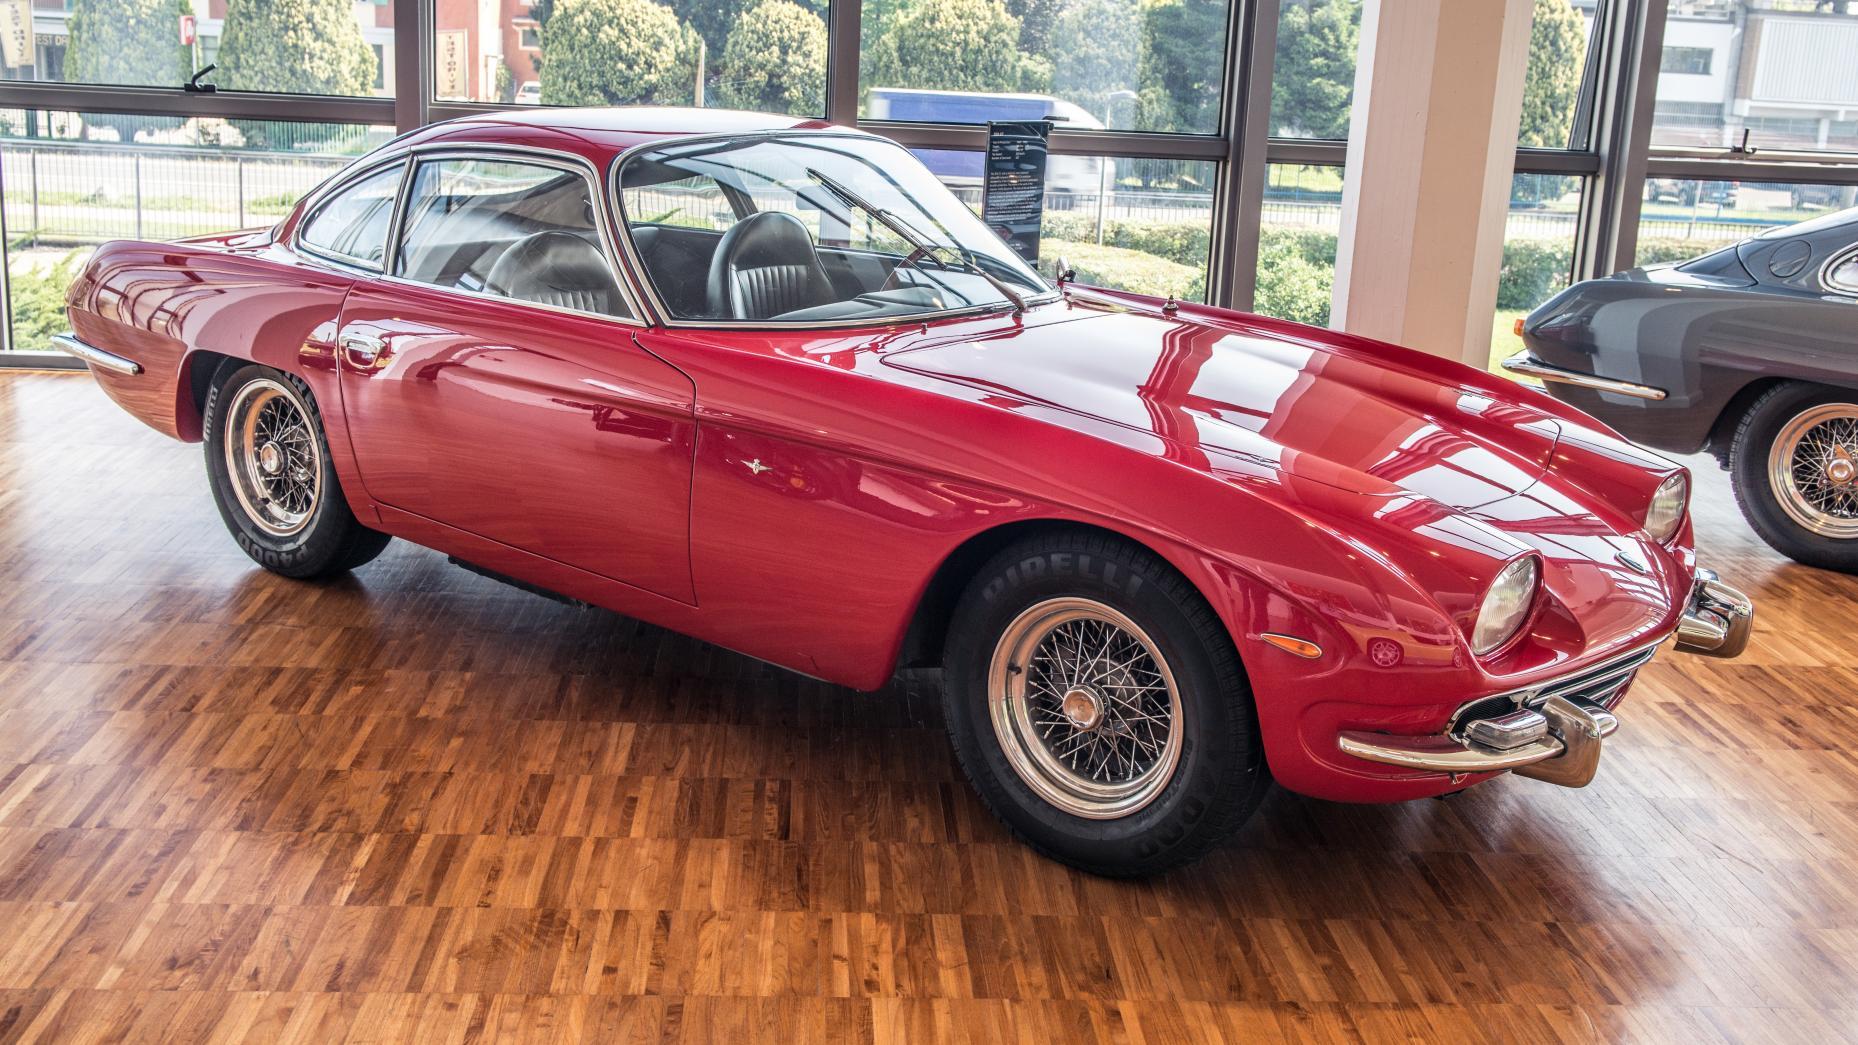 Cùng chiêm ngưỡng bảo tàng của siêu xe Lamborghini 10